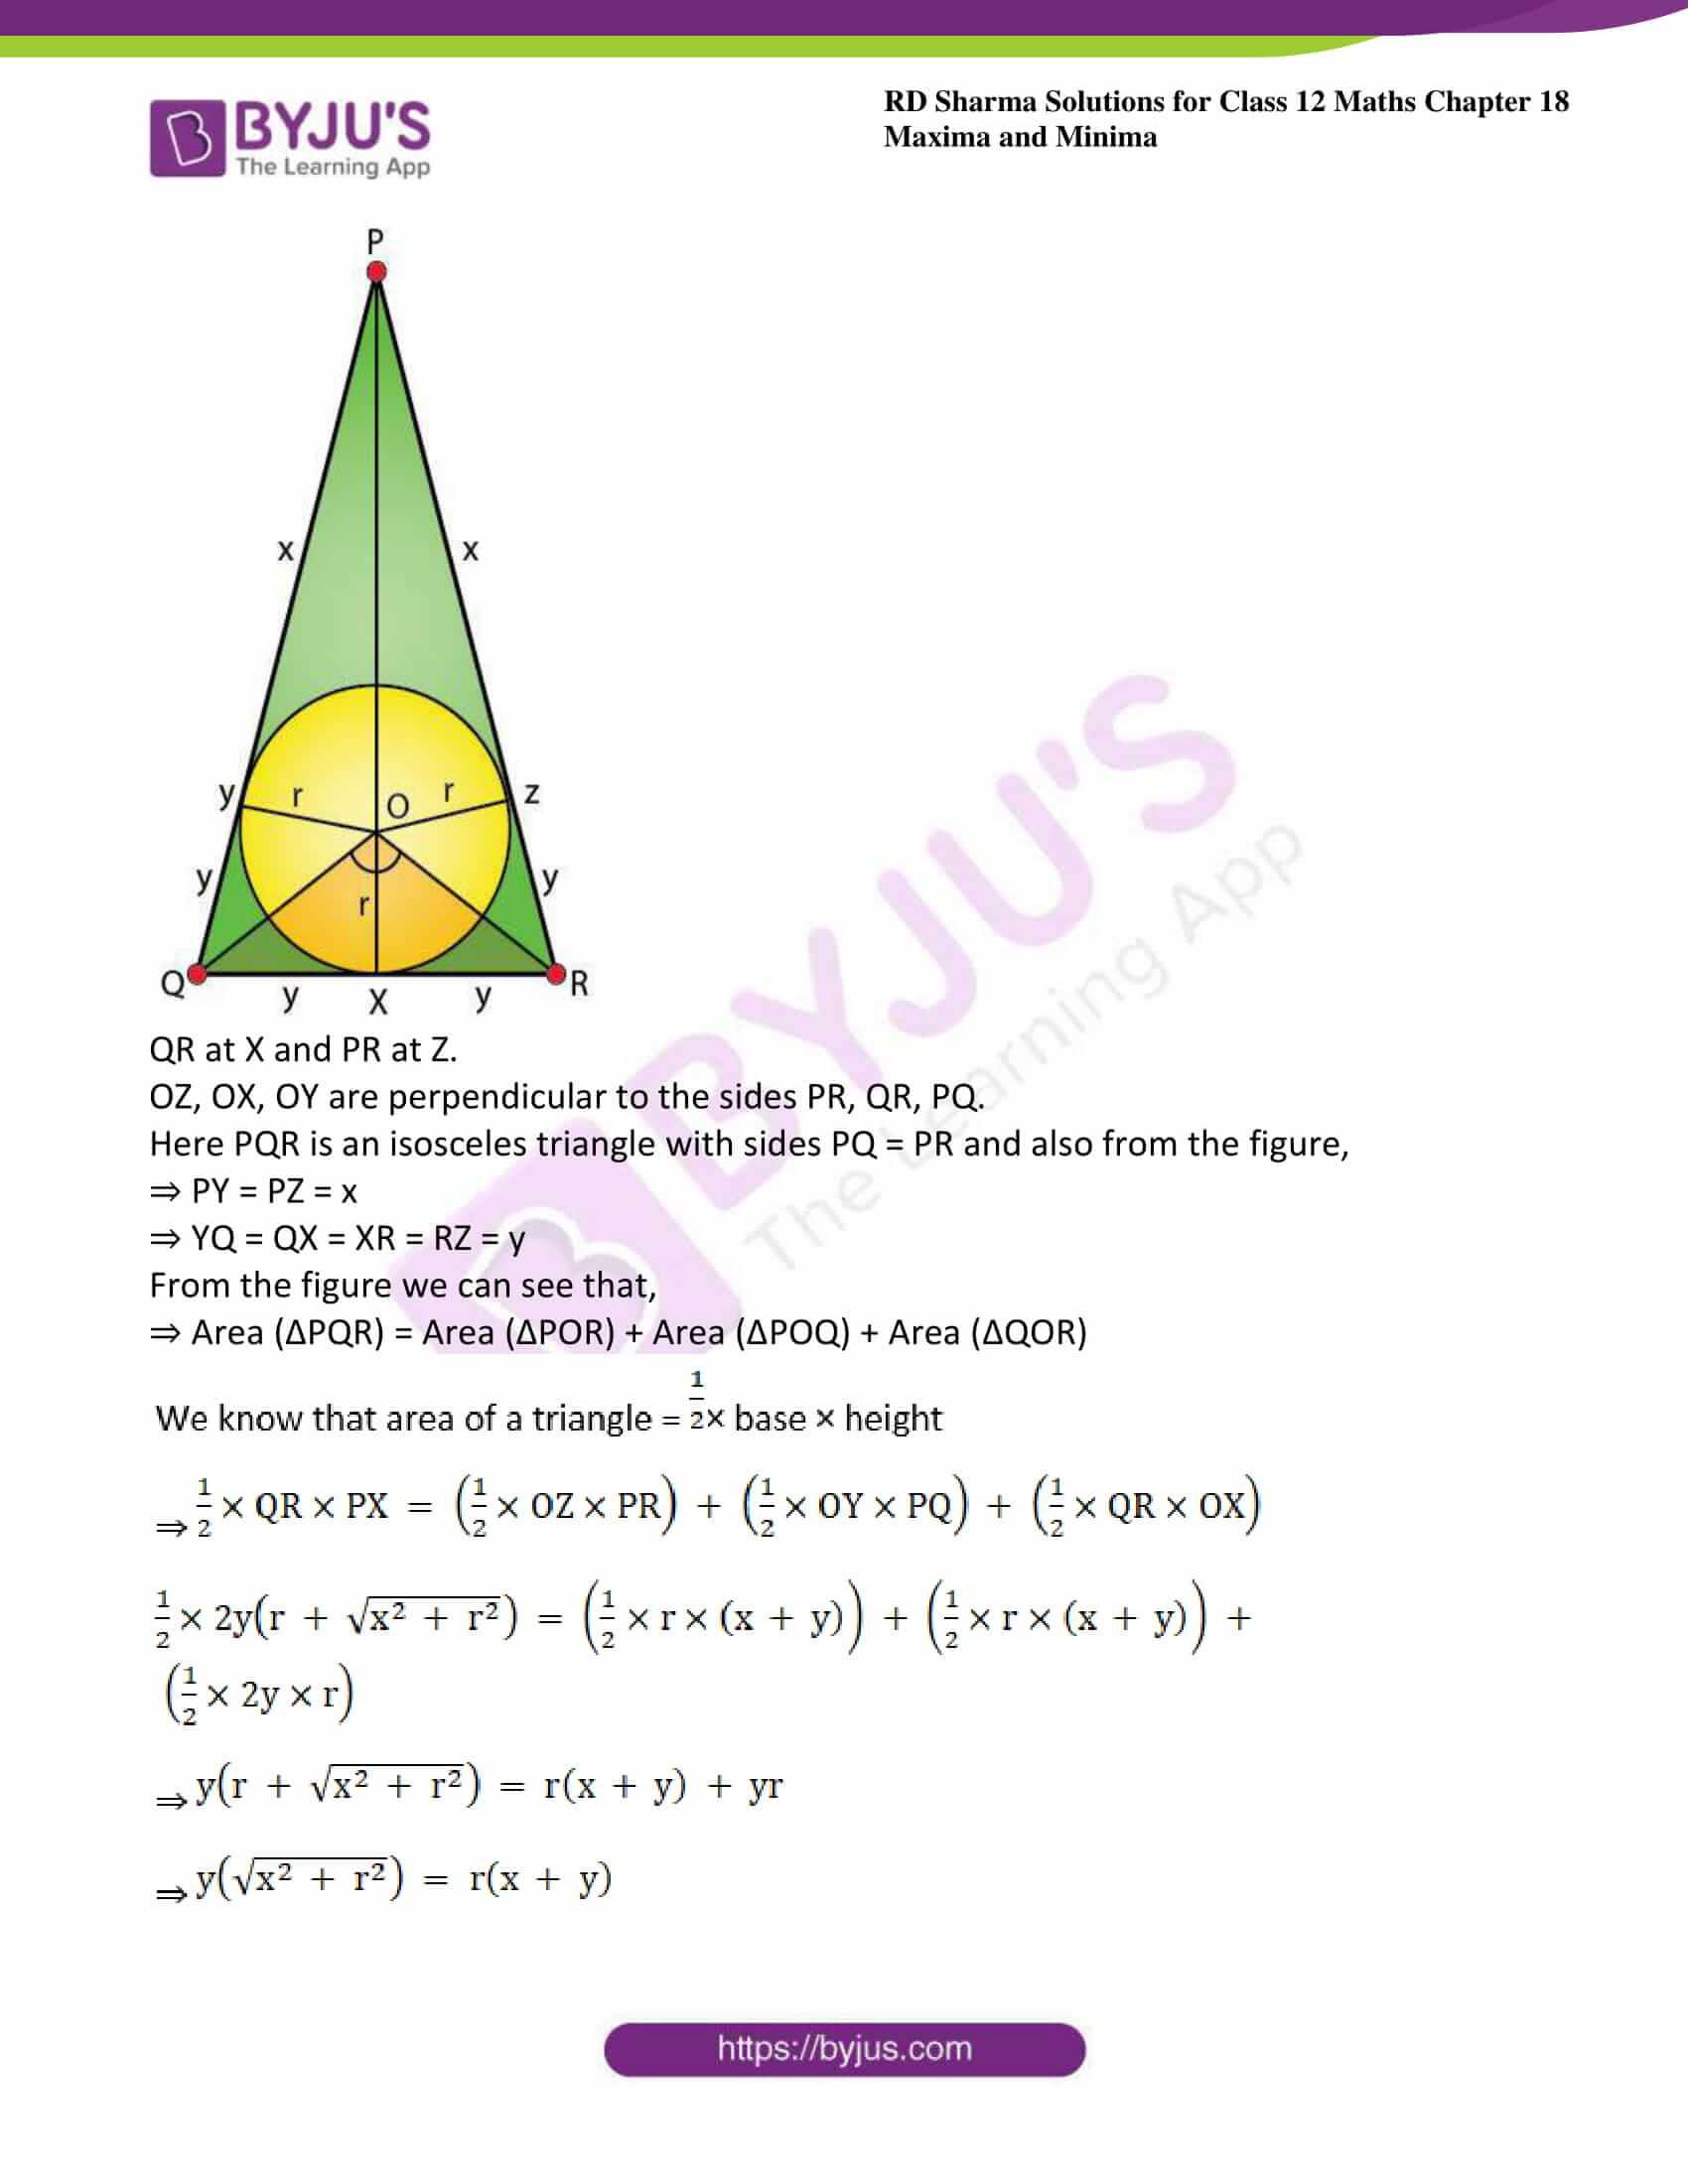 rd sharma class 12 maths sol chap 18 ex 5 35